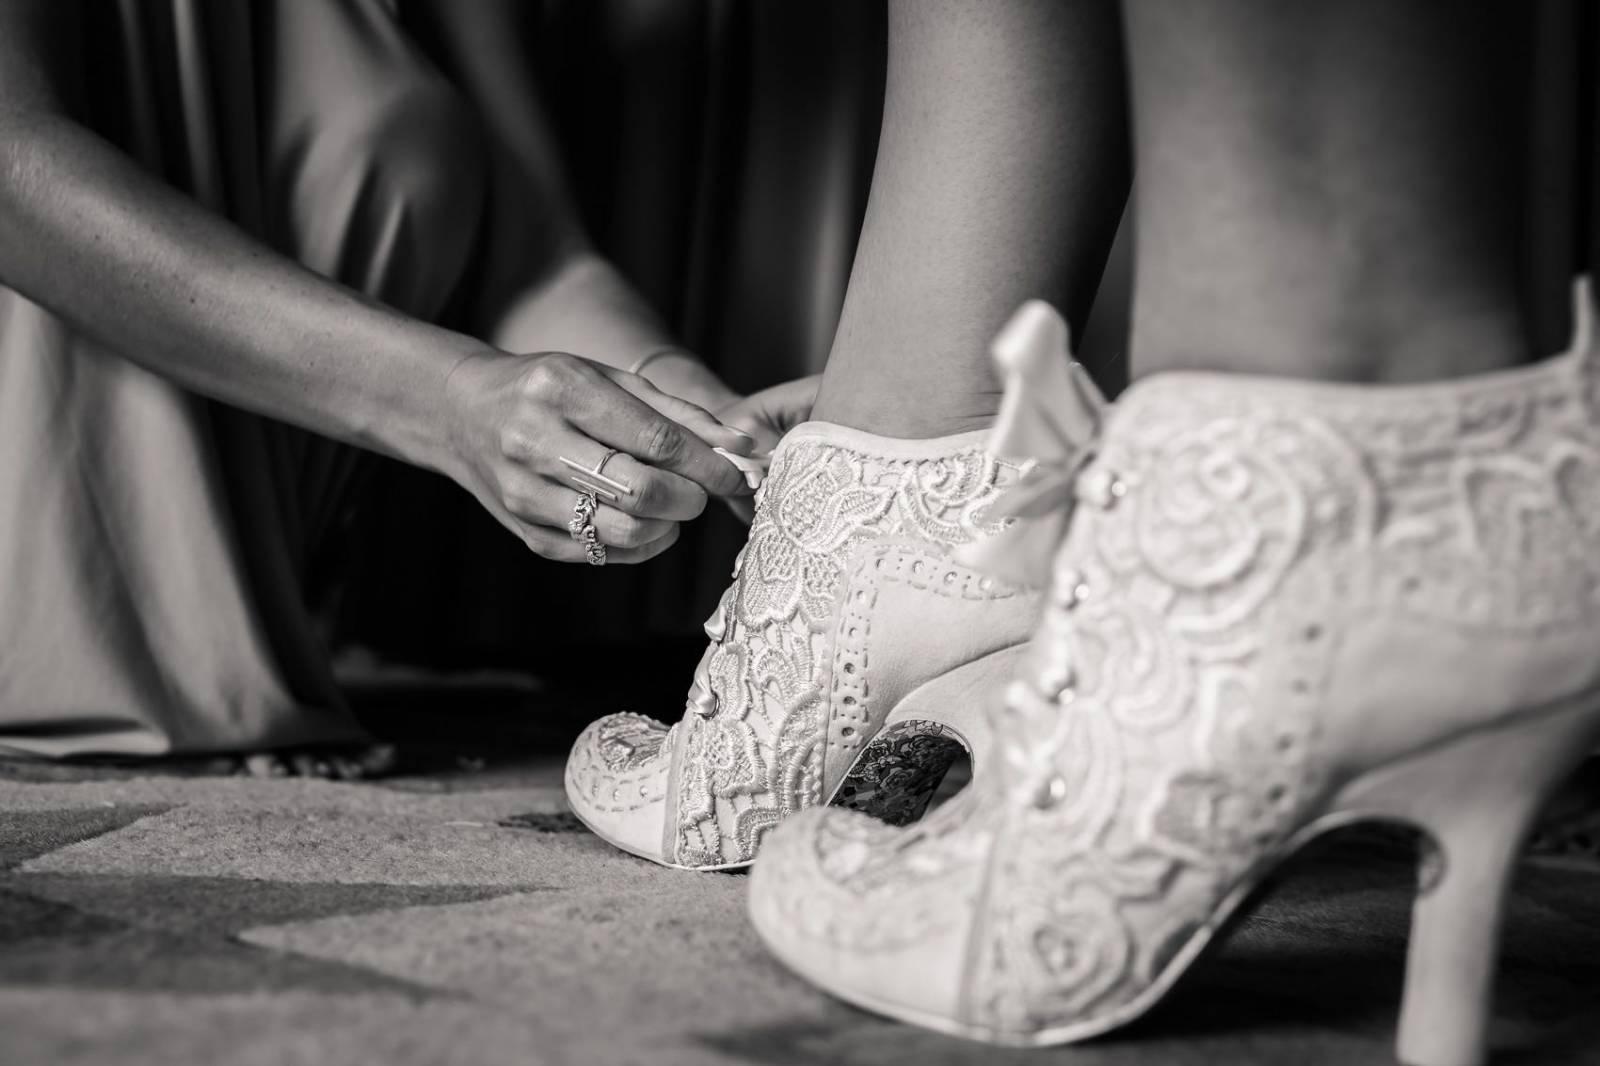 Cinderella Photographie - Trouwen in frankrijk - Huwelijksfotograaf - Trouwfotograaf - House of Weddings - 9